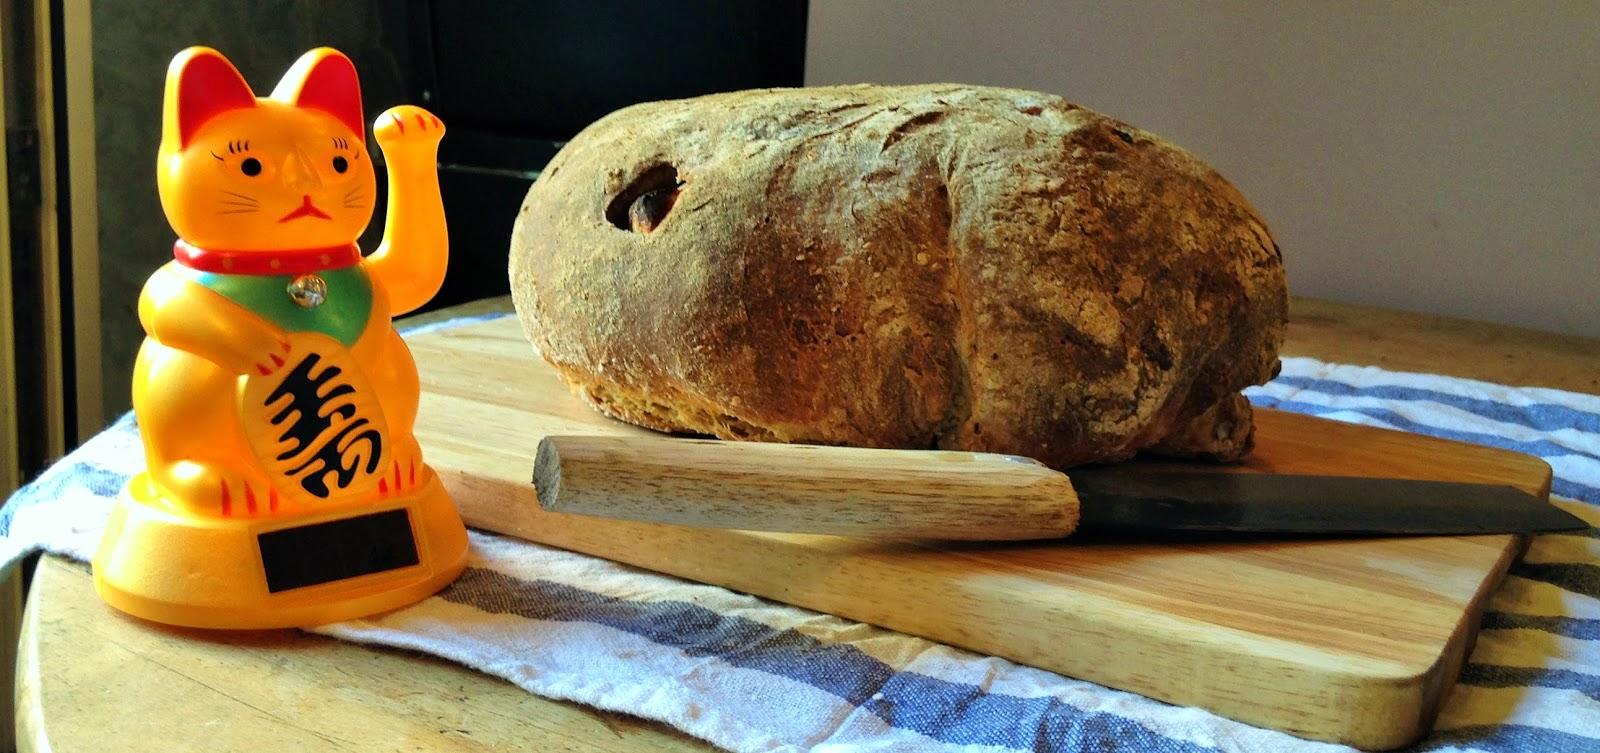 pain au lait, pain au levain, pain au lait de chèvre, laiterie de paris, recette fromage, blog fromage, ferme du meunier, chèvre poitevine,faire son fromage,